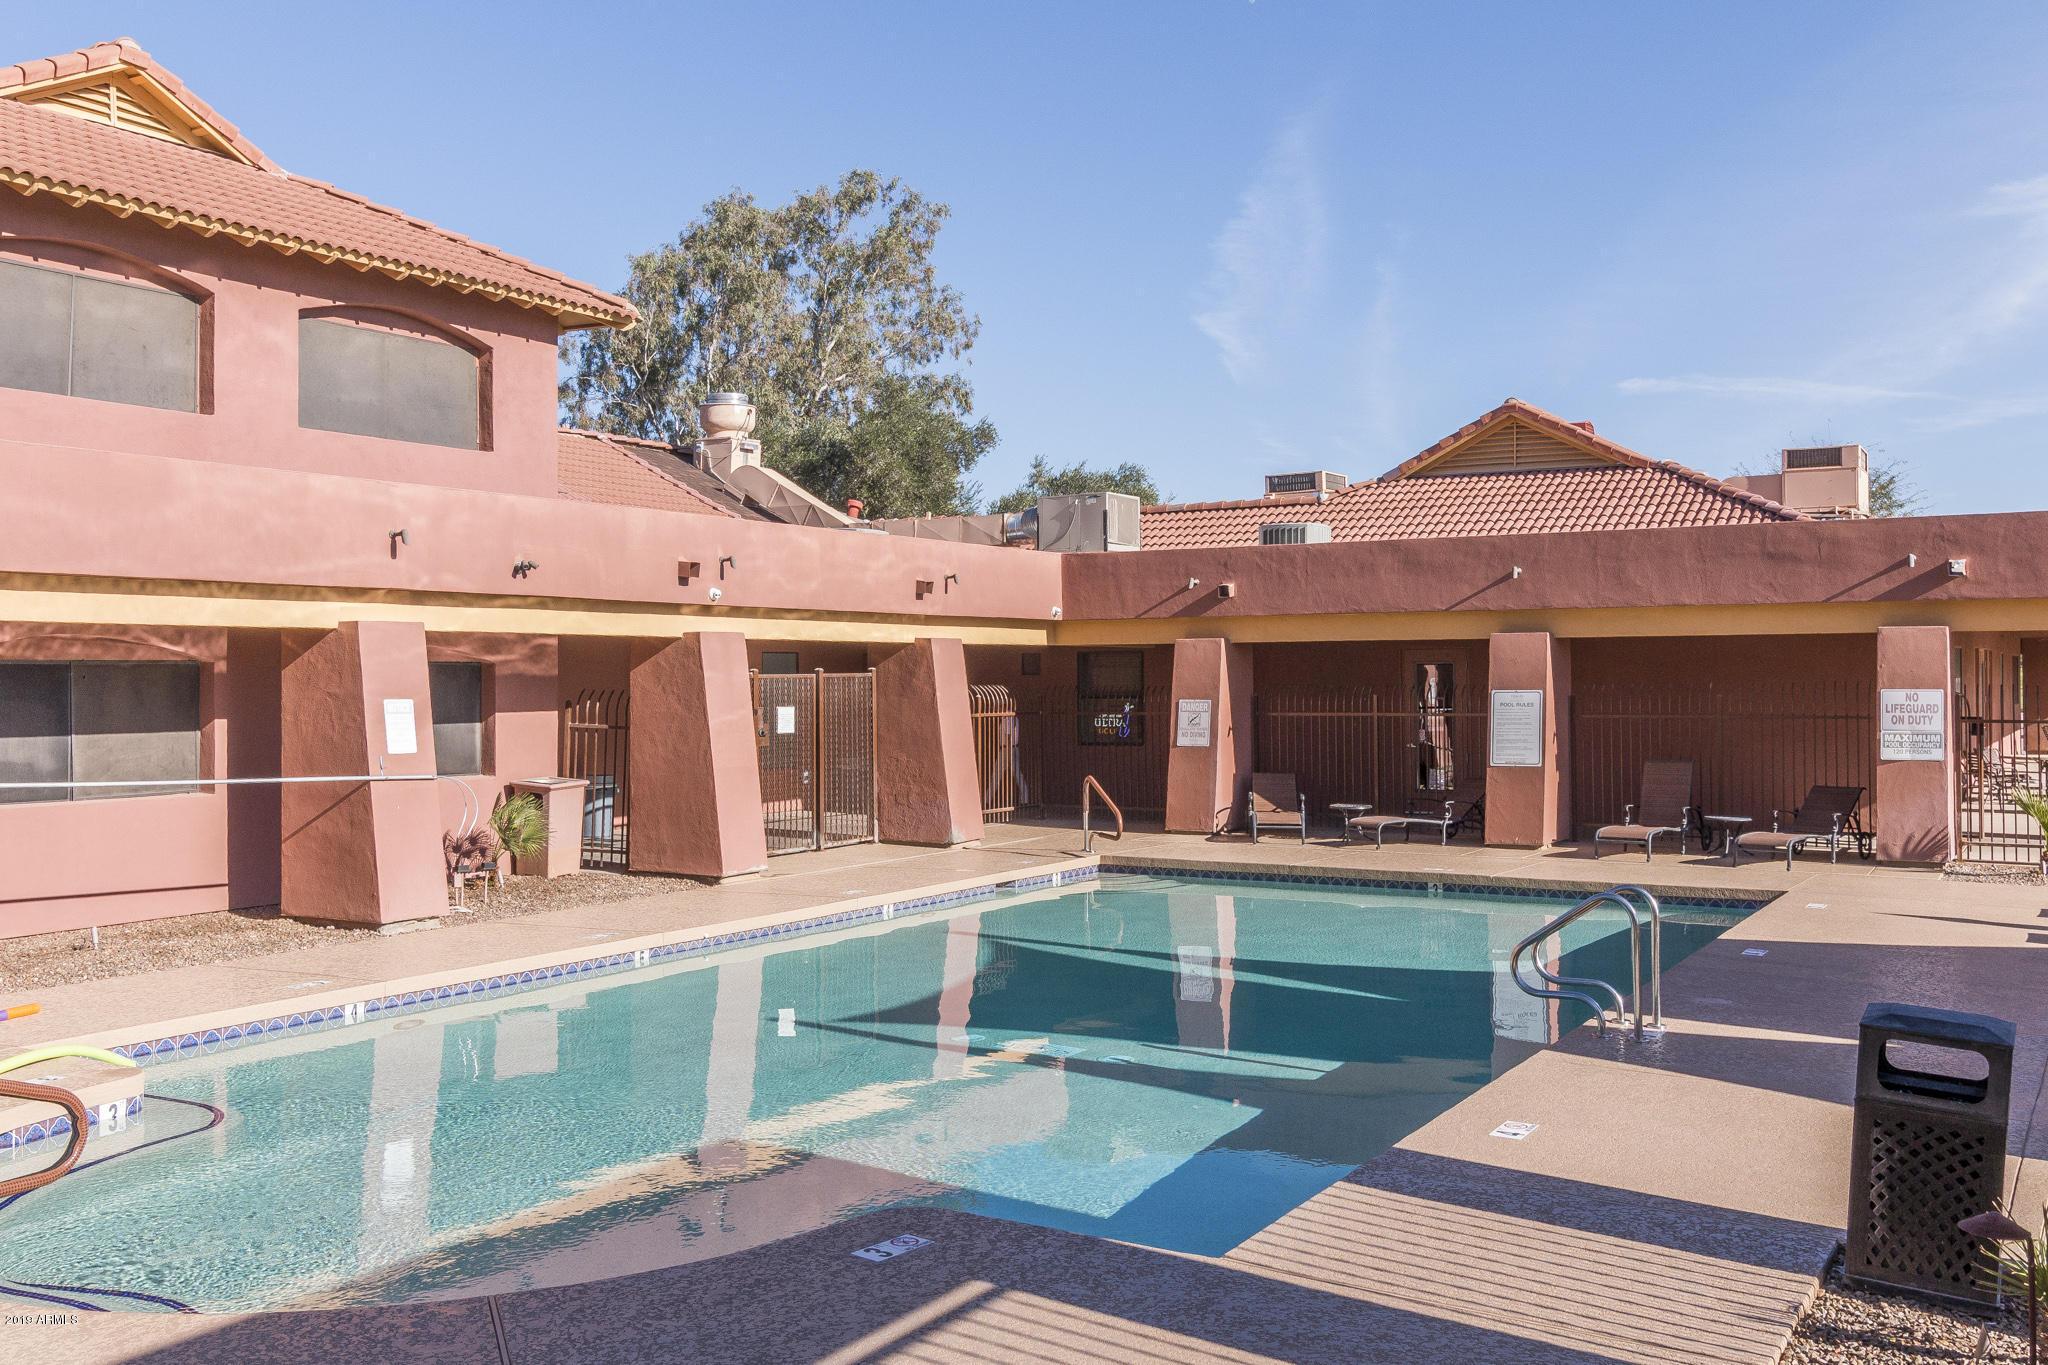 MLS 5970450 21548 E PUESTA DEL SOL --, Queen Creek, AZ 85142 Queen Creek AZ Villages At Queen Creek